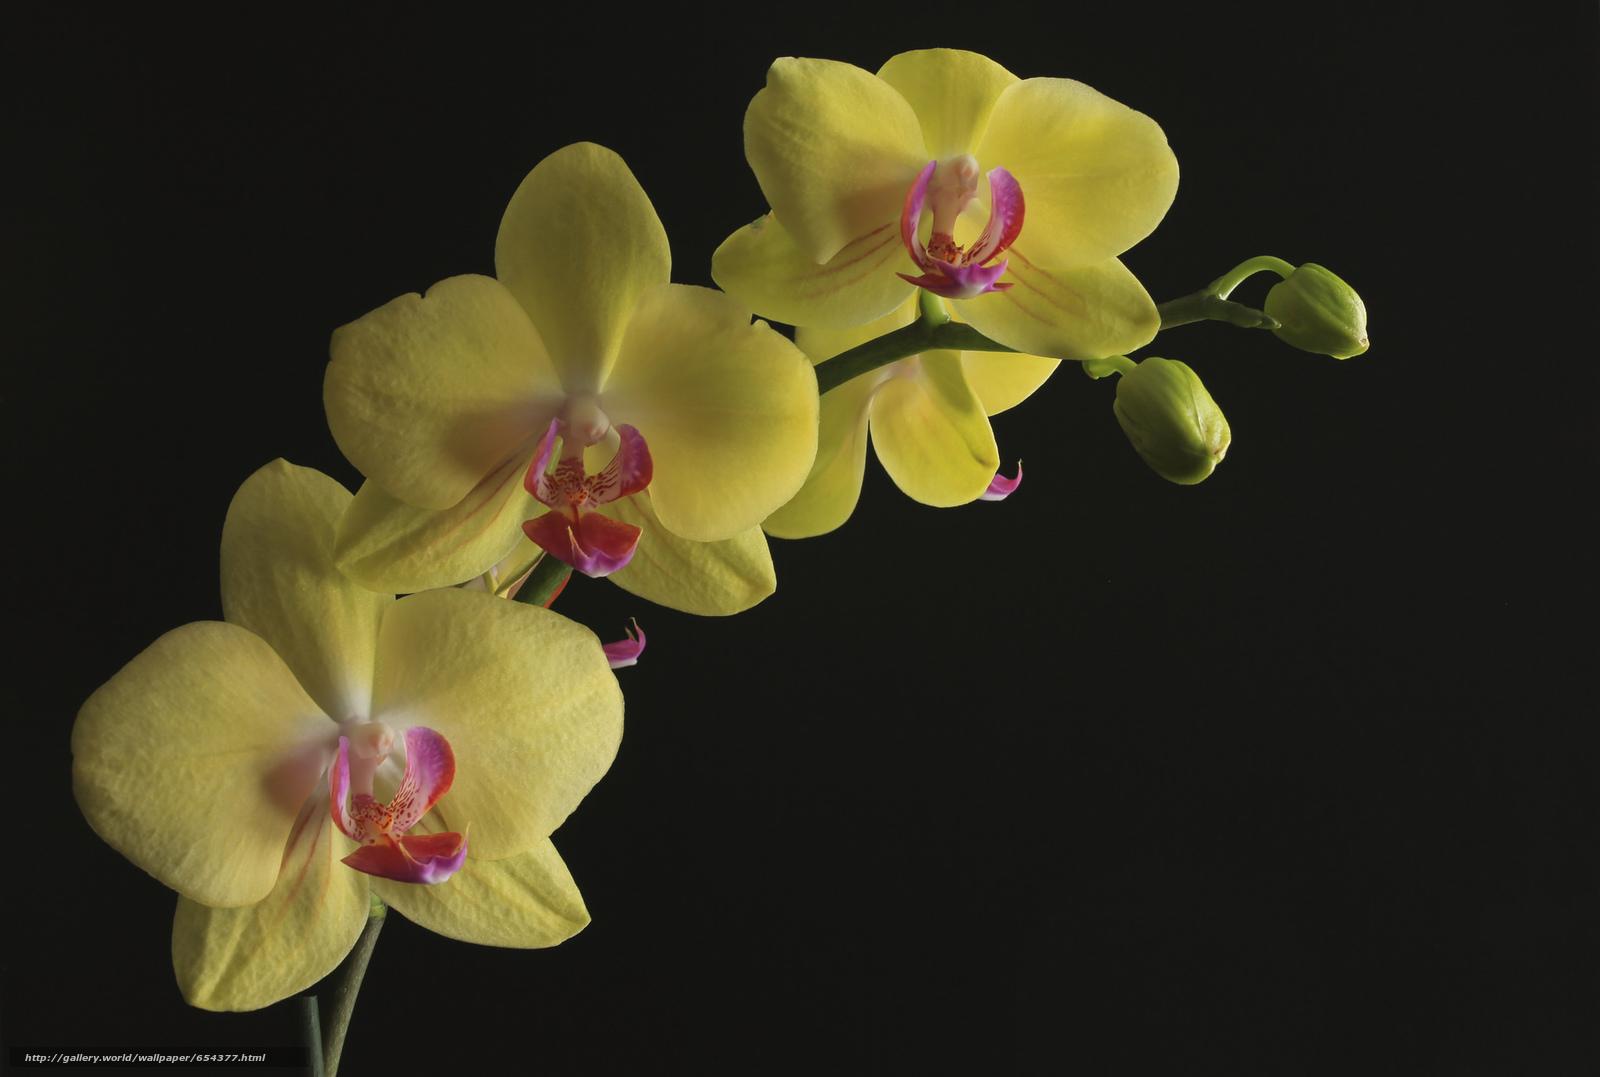 Скачать обои орхидея,  цветок,  флора бесплатно для рабочего стола в разрешении 2048x1378 — картинка №654377